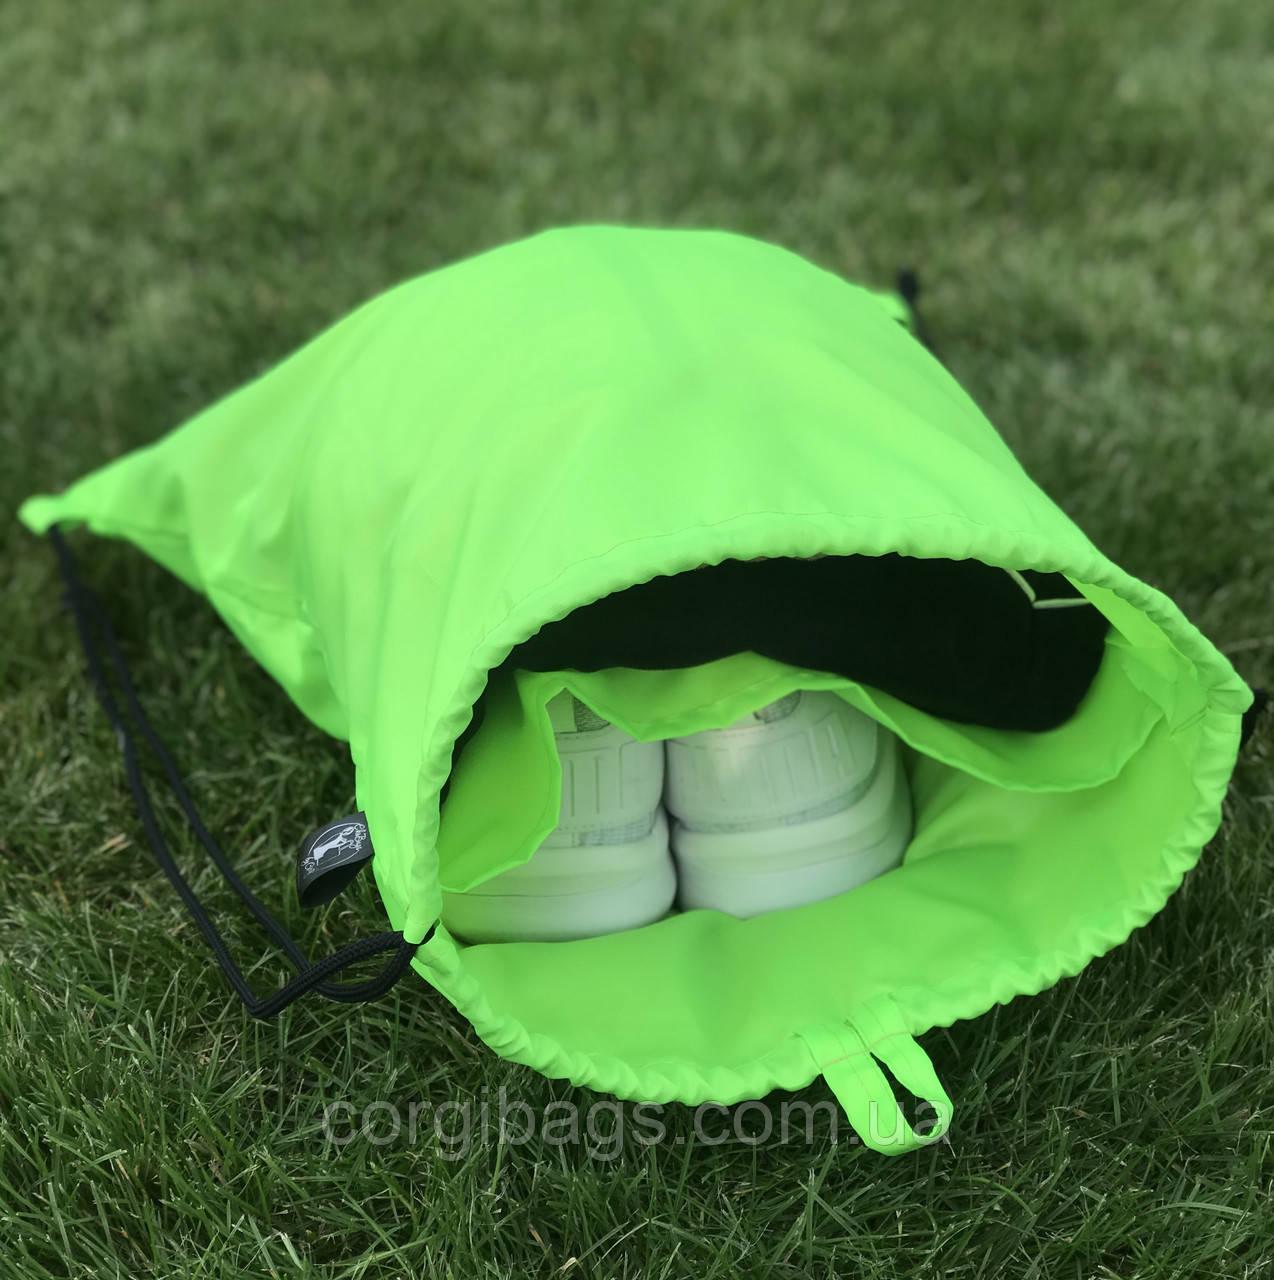 Рюкзак-мішок для змінного взуття, рюкзак-мішок для спортивної форми, органайзер для взуття, салатовий, 43х36см